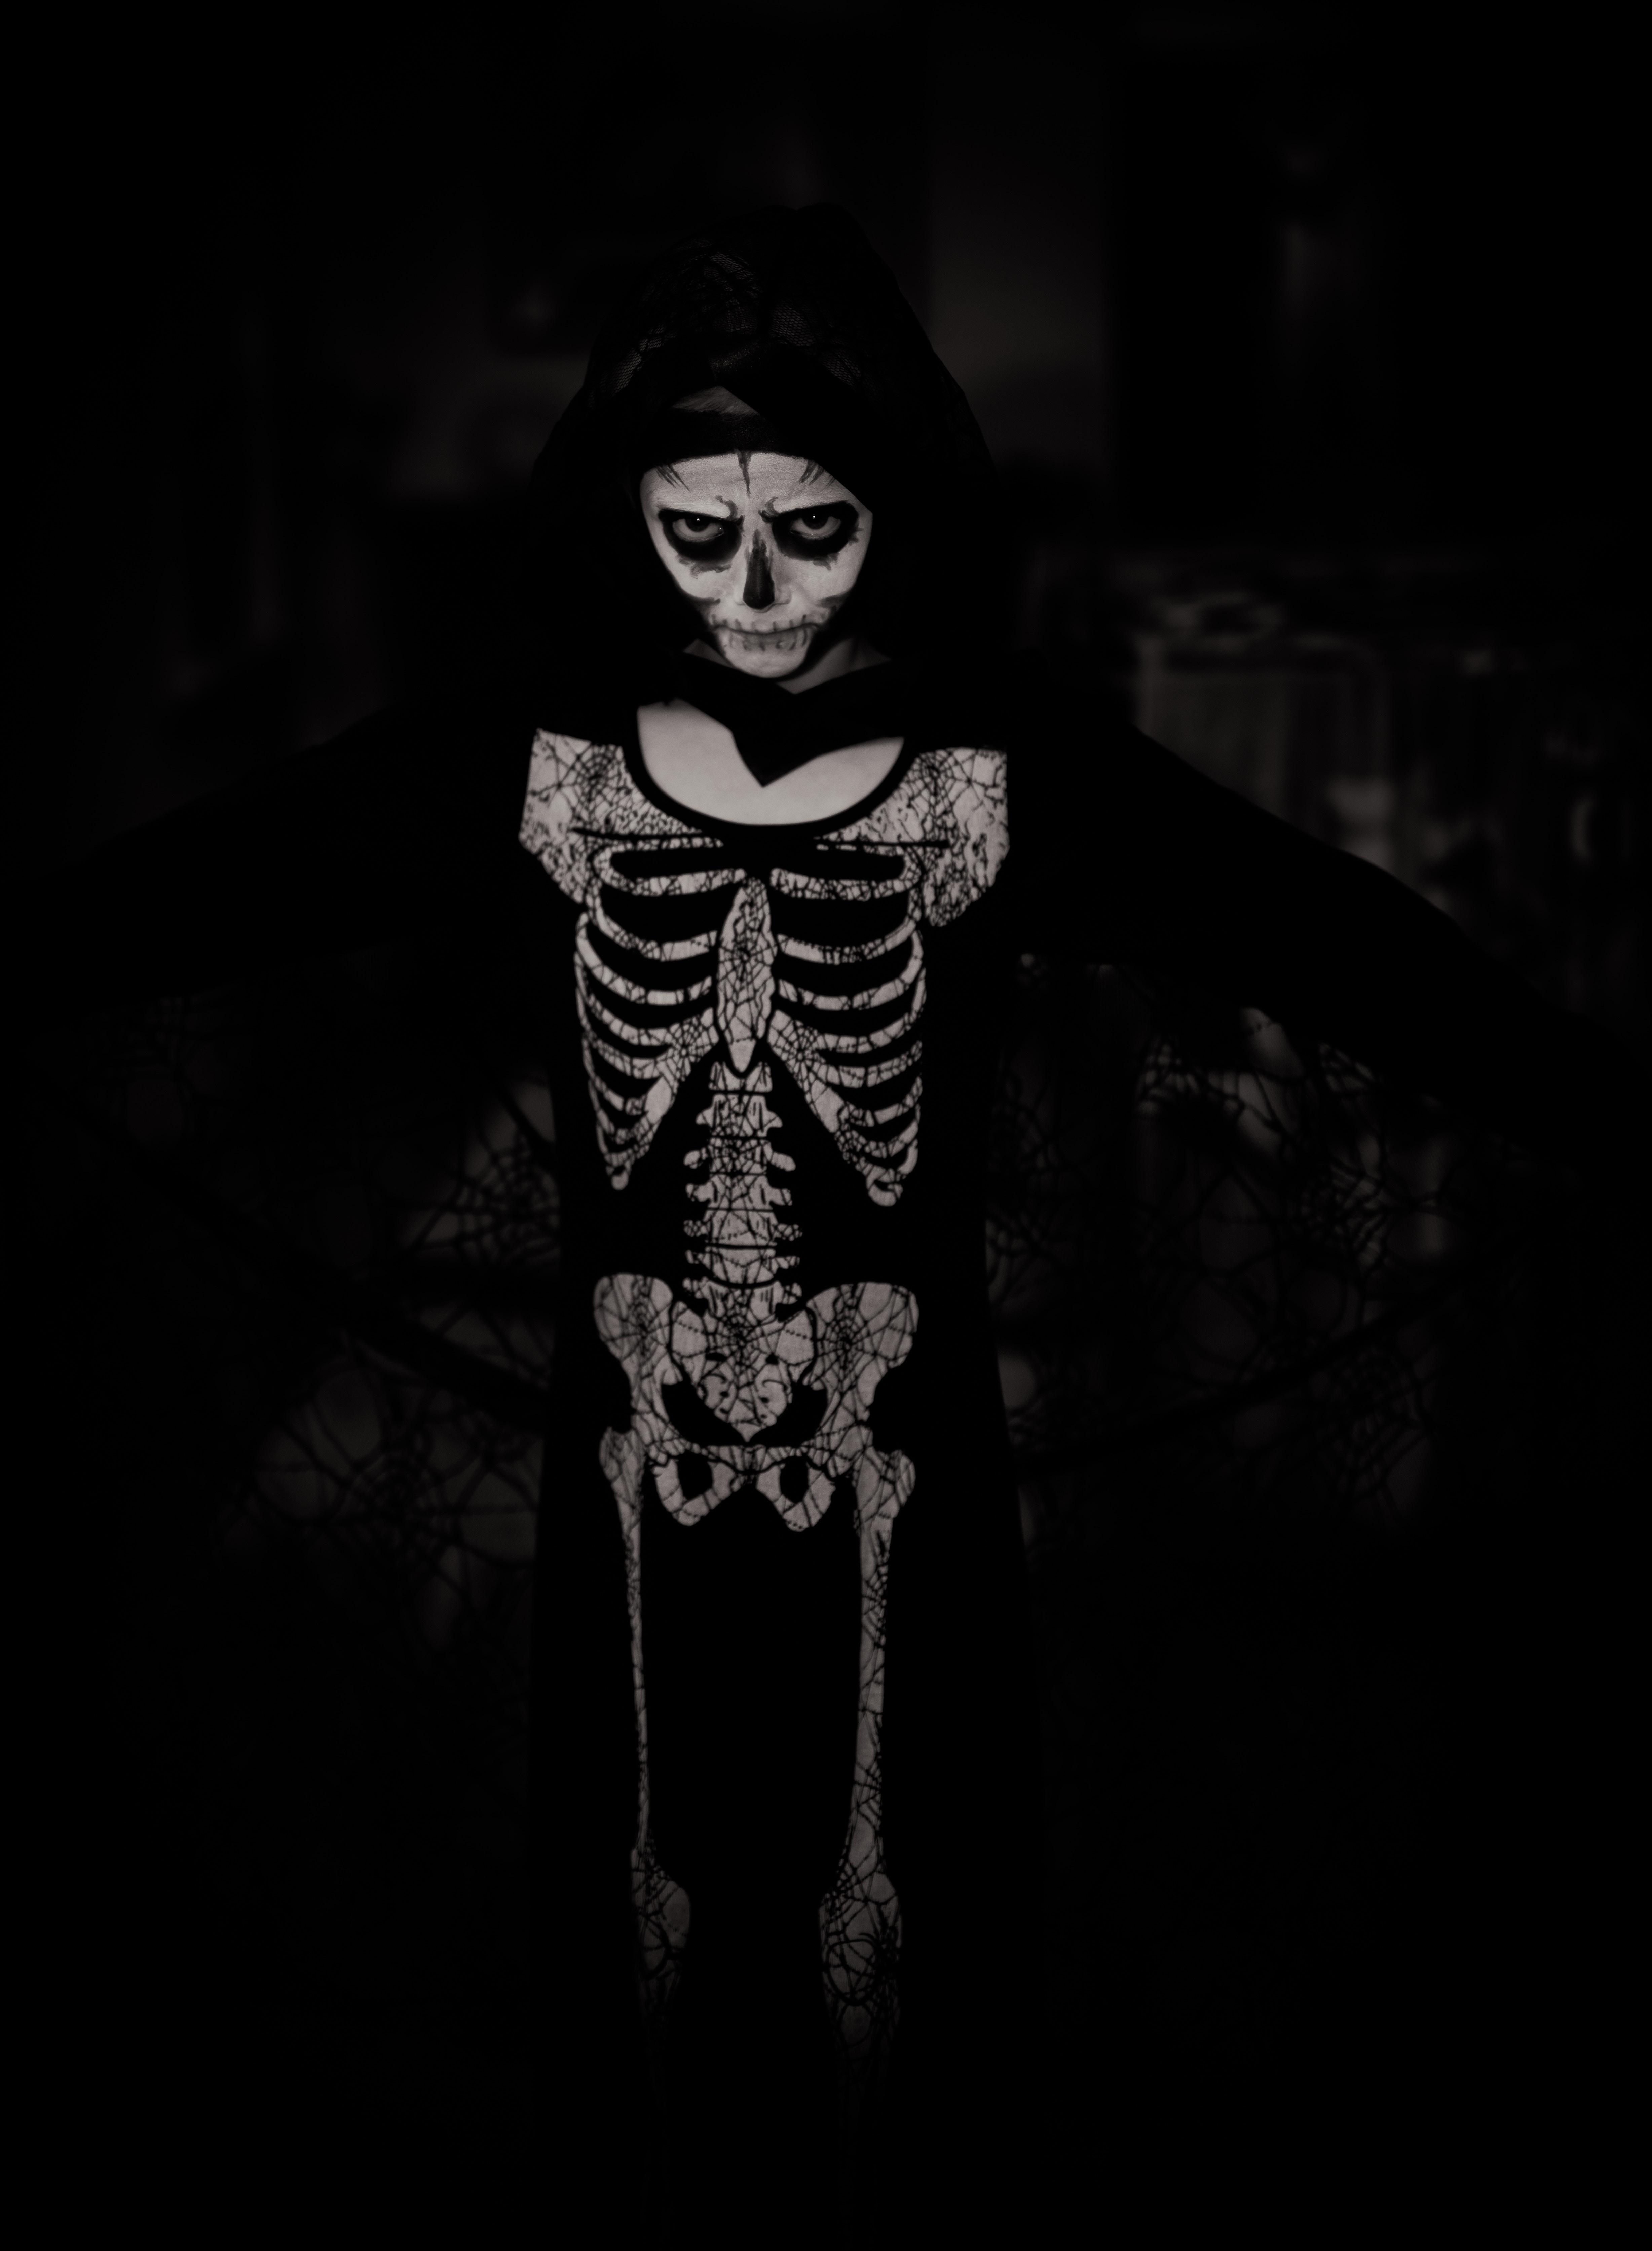 114392 fond d'écran 1080x1920 sur votre téléphone gratuitement, téléchargez des images Halloween, Fêtes, P.c., Chb, Squelette, Costume 1080x1920 sur votre mobile